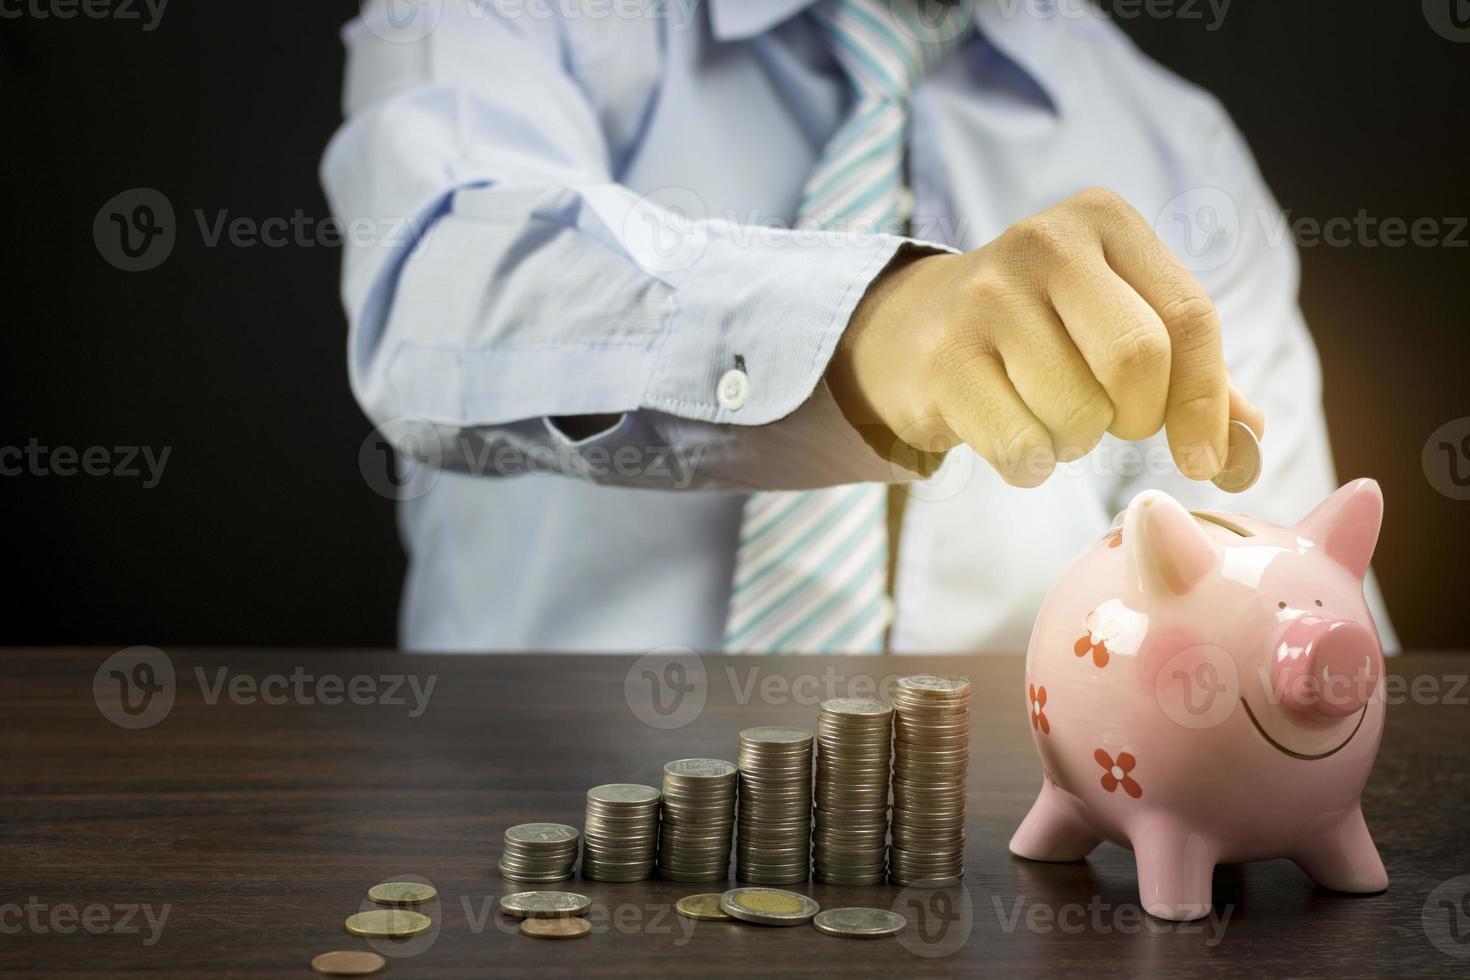 persoon die munten in een spaarvarken zet foto